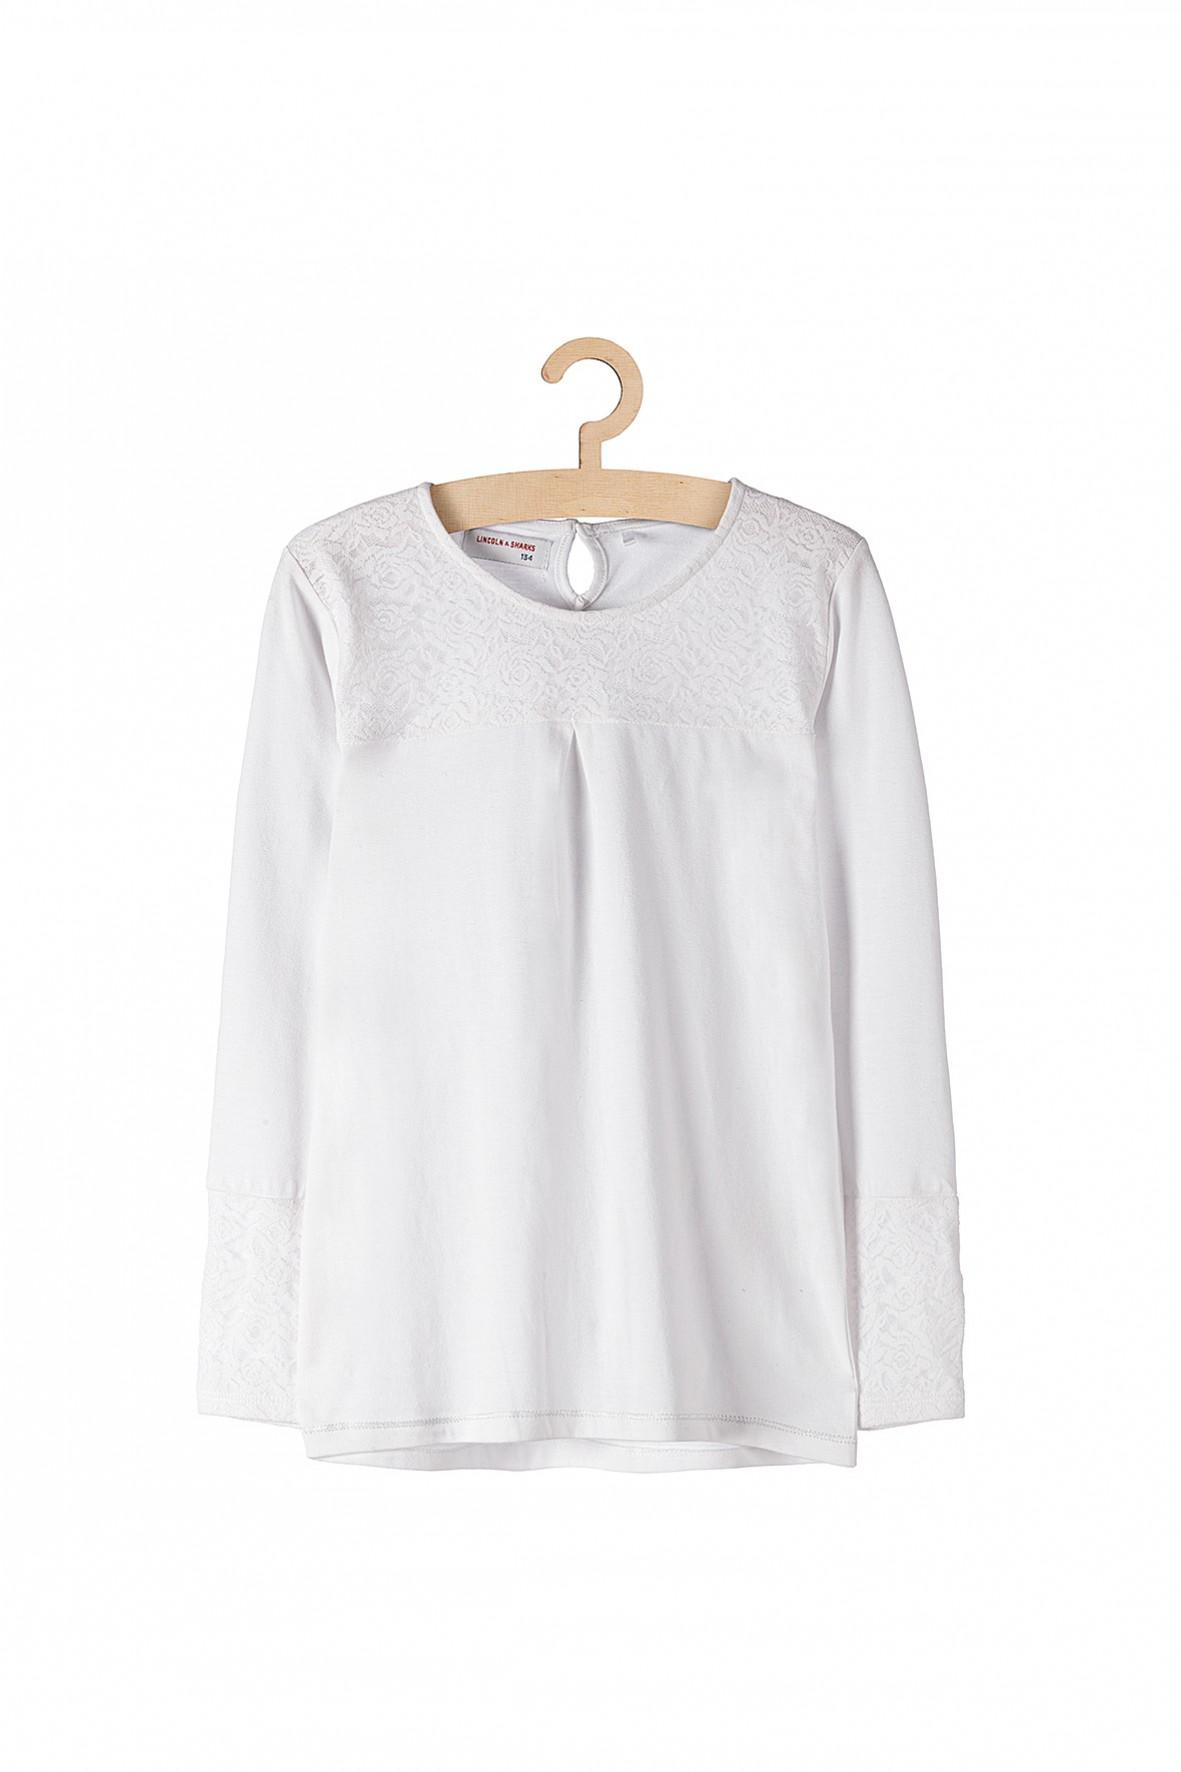 Biała bluzka dla dziewczynki- długi rękaw i koronkowa wstawka